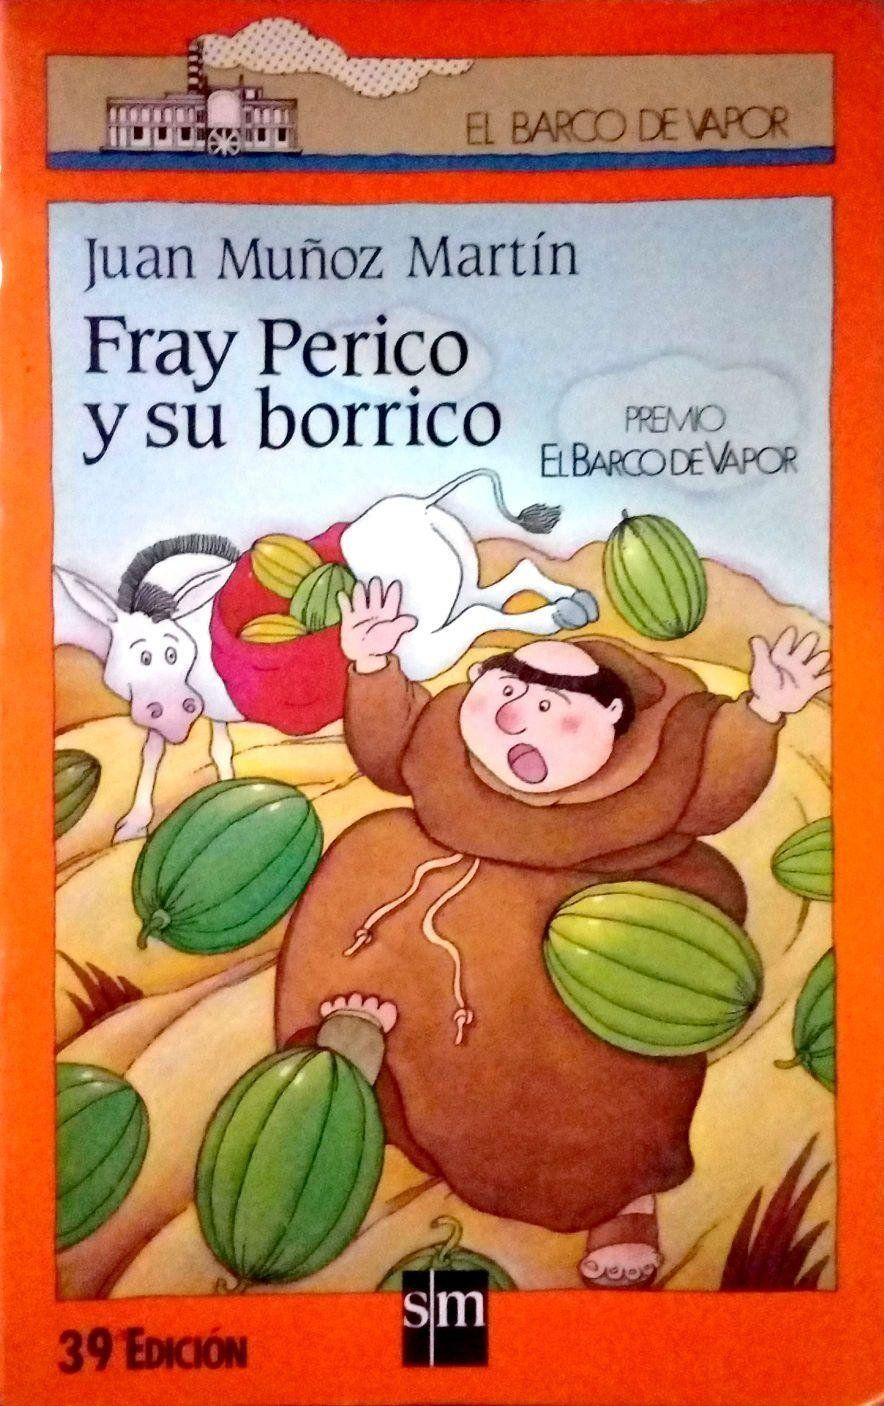 Recuerda cómo empezaba 'Fray Perico y su